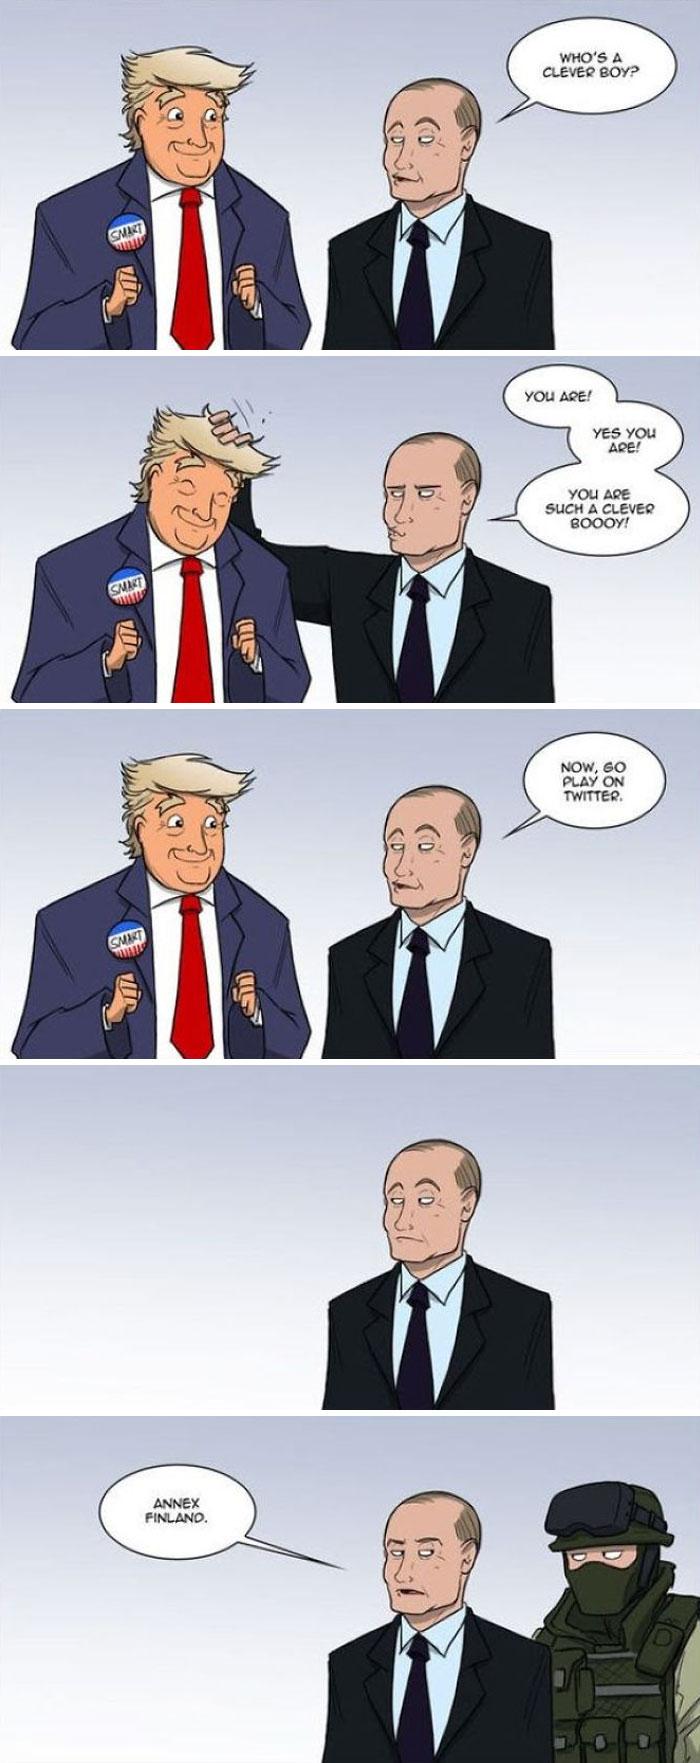 putin-trump-helsinki-meeting-funny-reactions-25-5b4f2c44ce91f__700